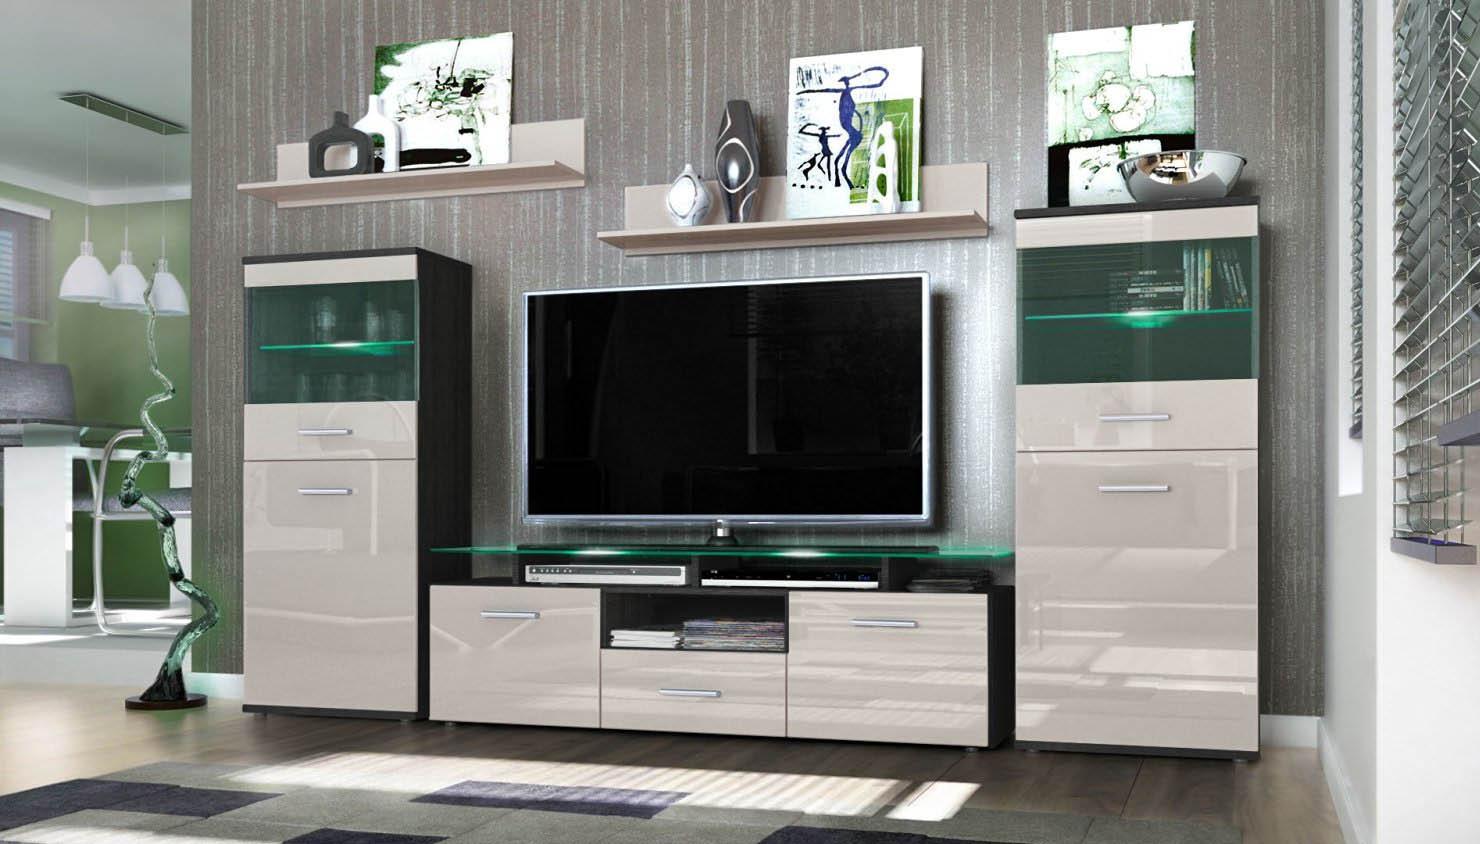 Bagni con mobili in muratura moderni for Colori pareti soggiorno tortora